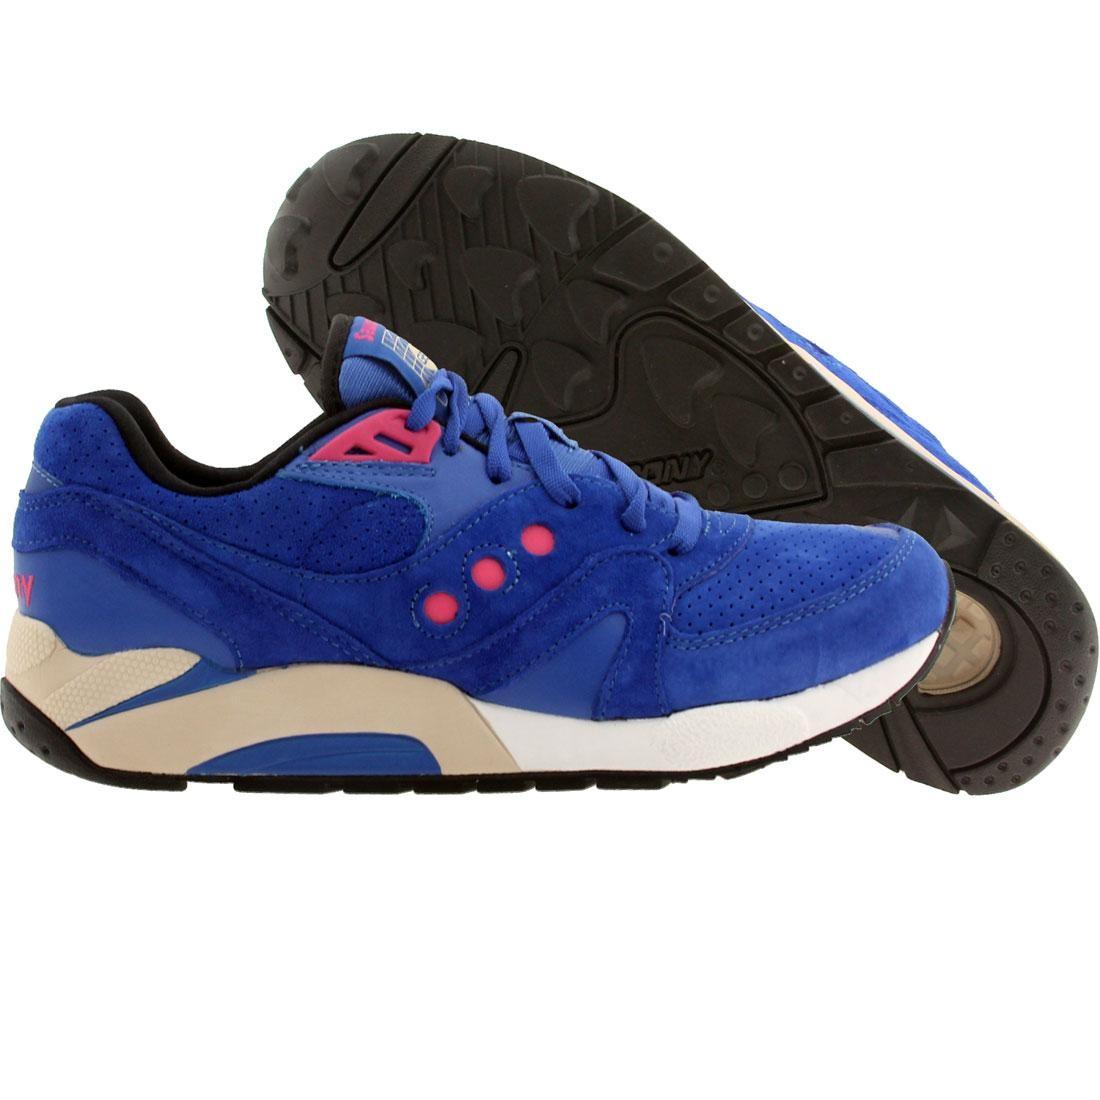 【海外限定】サッカニー スニーカー 靴 【 SAUCONY MEN G9 CONTROL BRIGHT BLUE 】